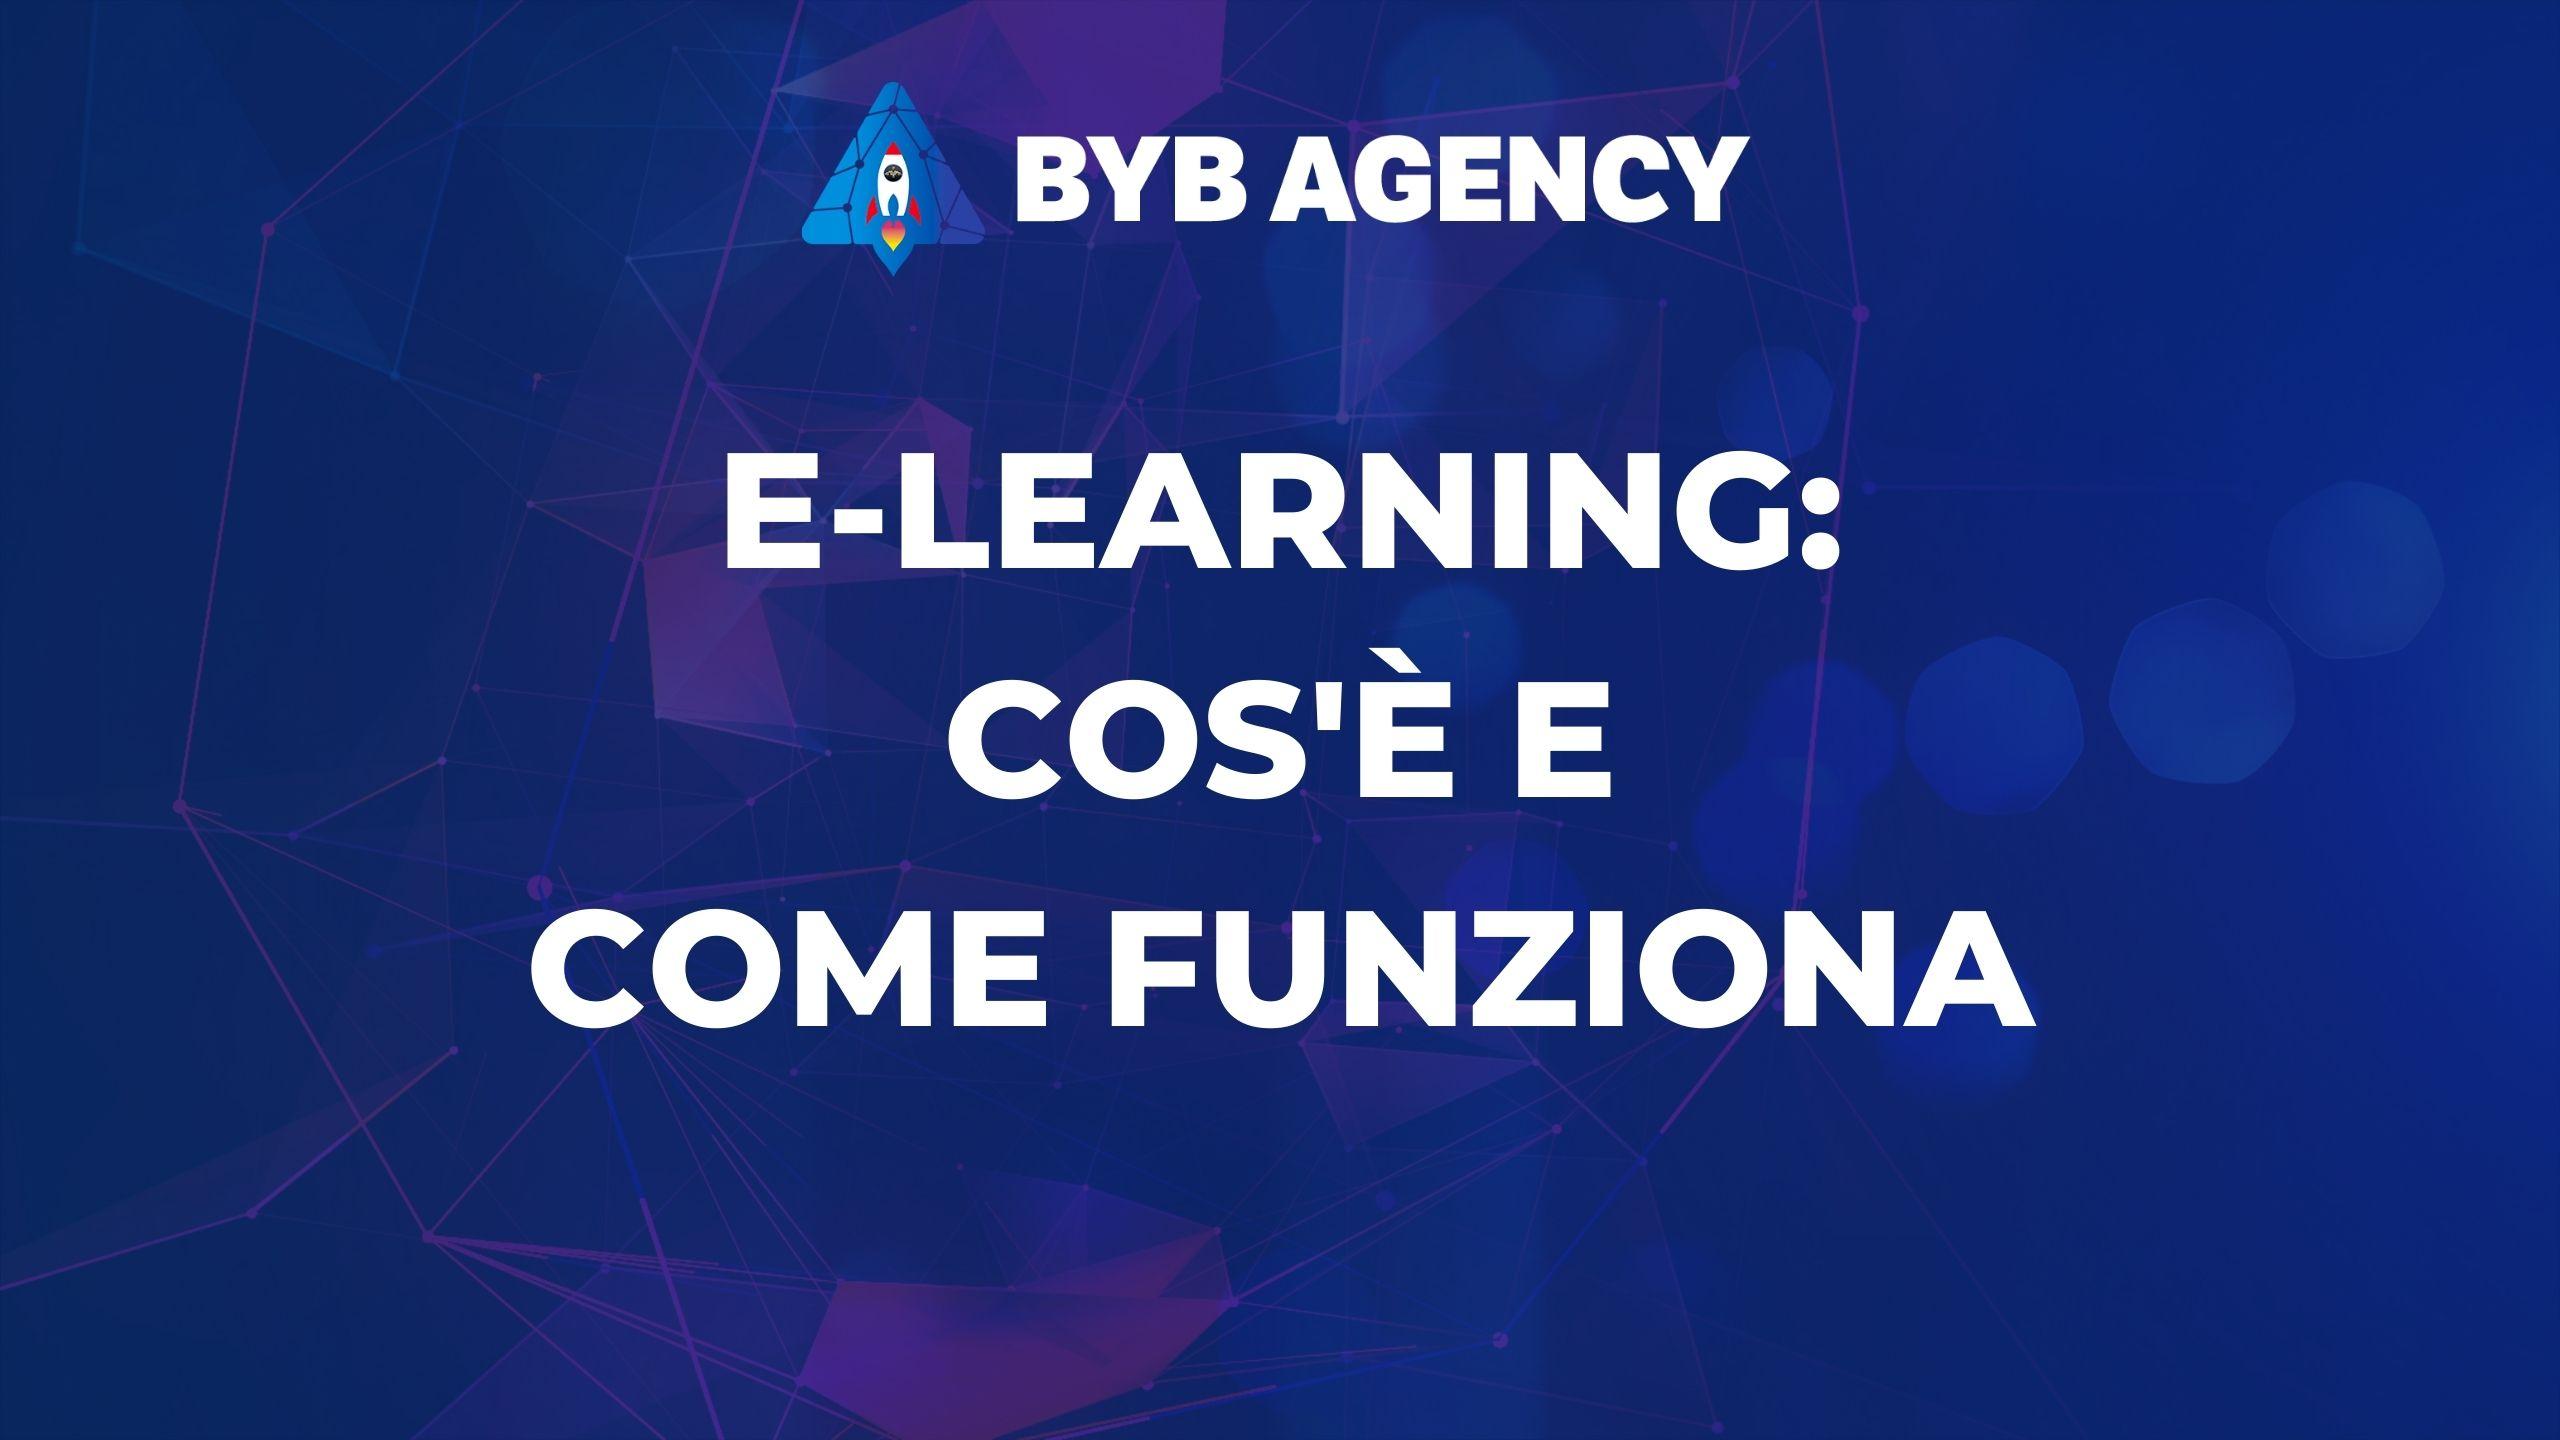 E-Learning cos'è e come funziona